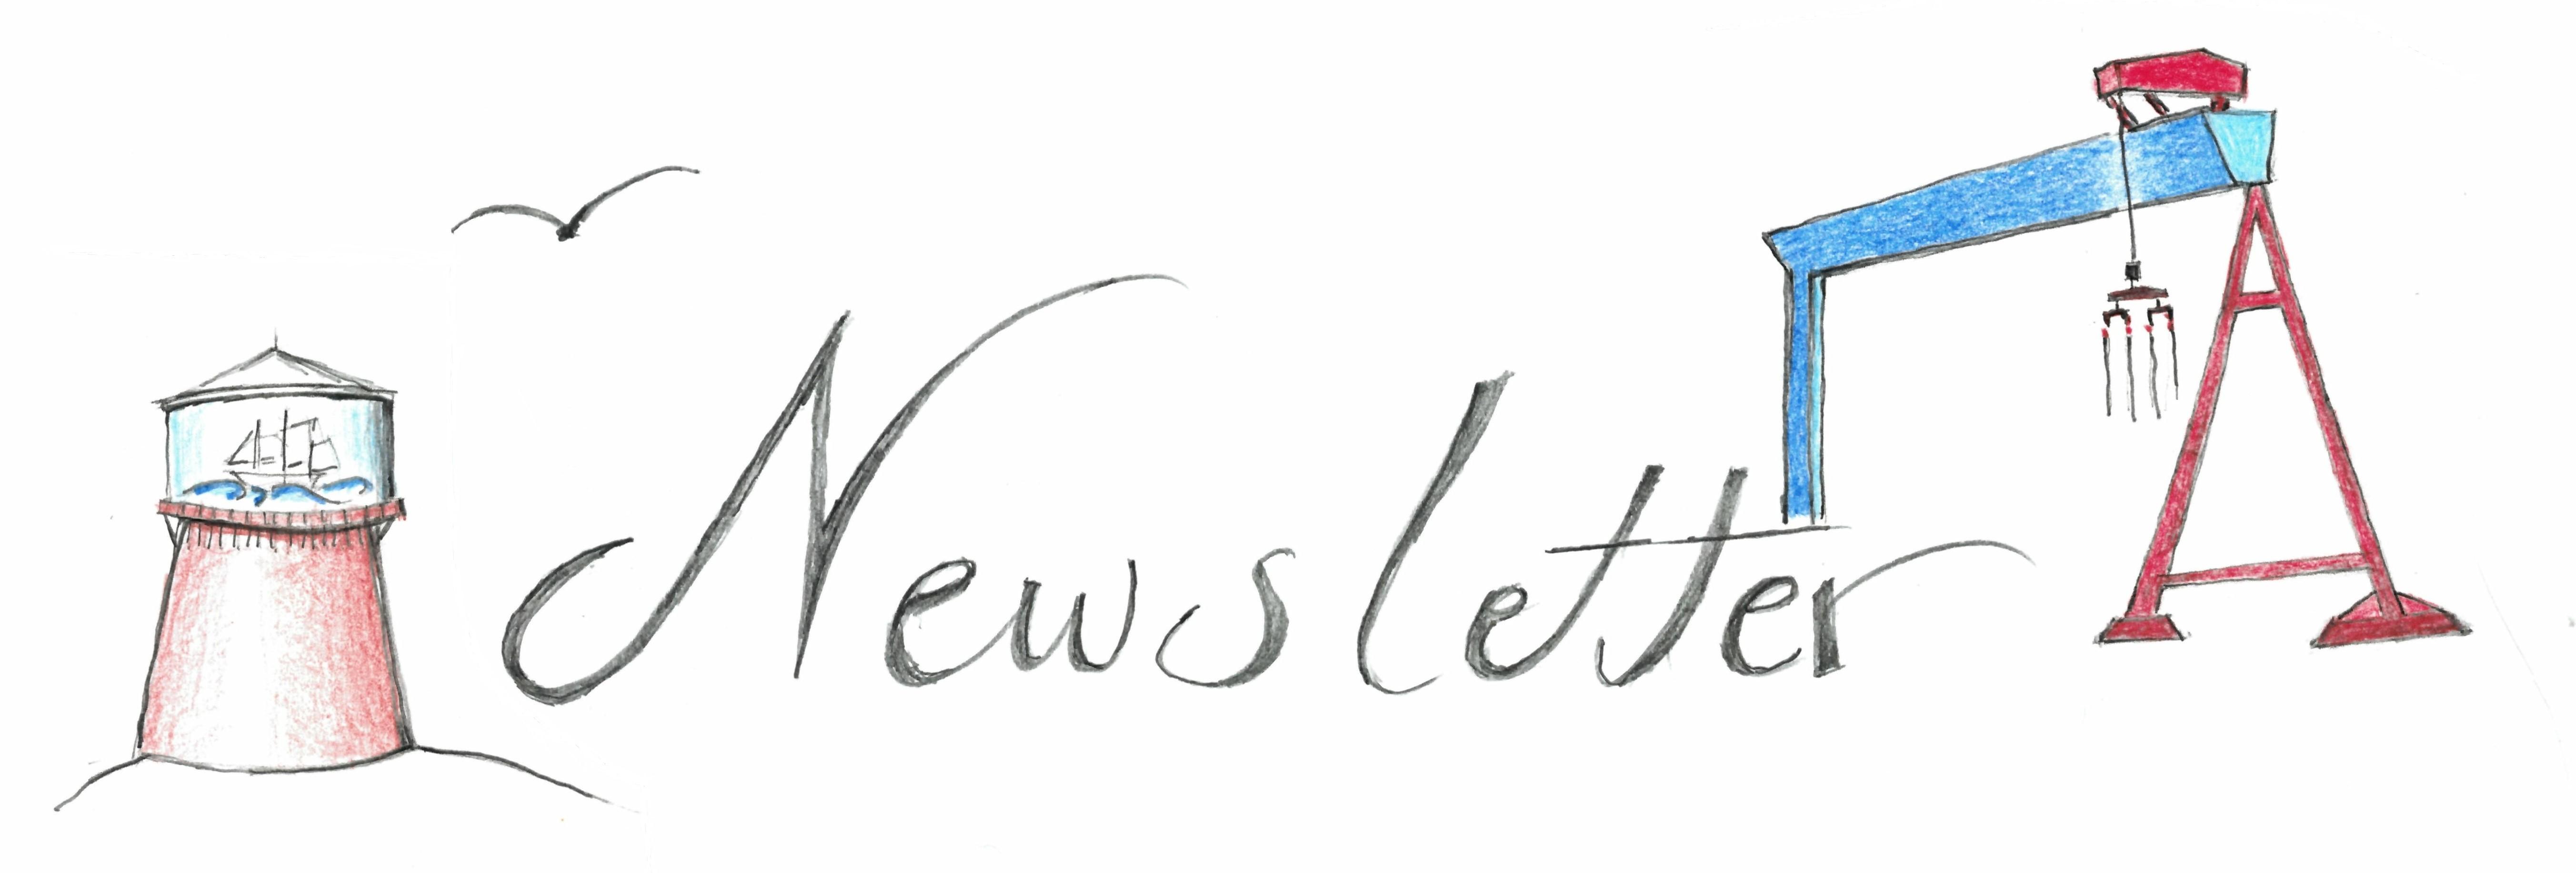 Das Wort Newsletter ist schön per Hand geschrieben. Darüber eine kleine Möwe, links ein Leuchtturm mit einem Buddelschiff, rechts ein blau roter Werft-Kran. Alles ist gezeichnet. Der Hintergrund ist weiß